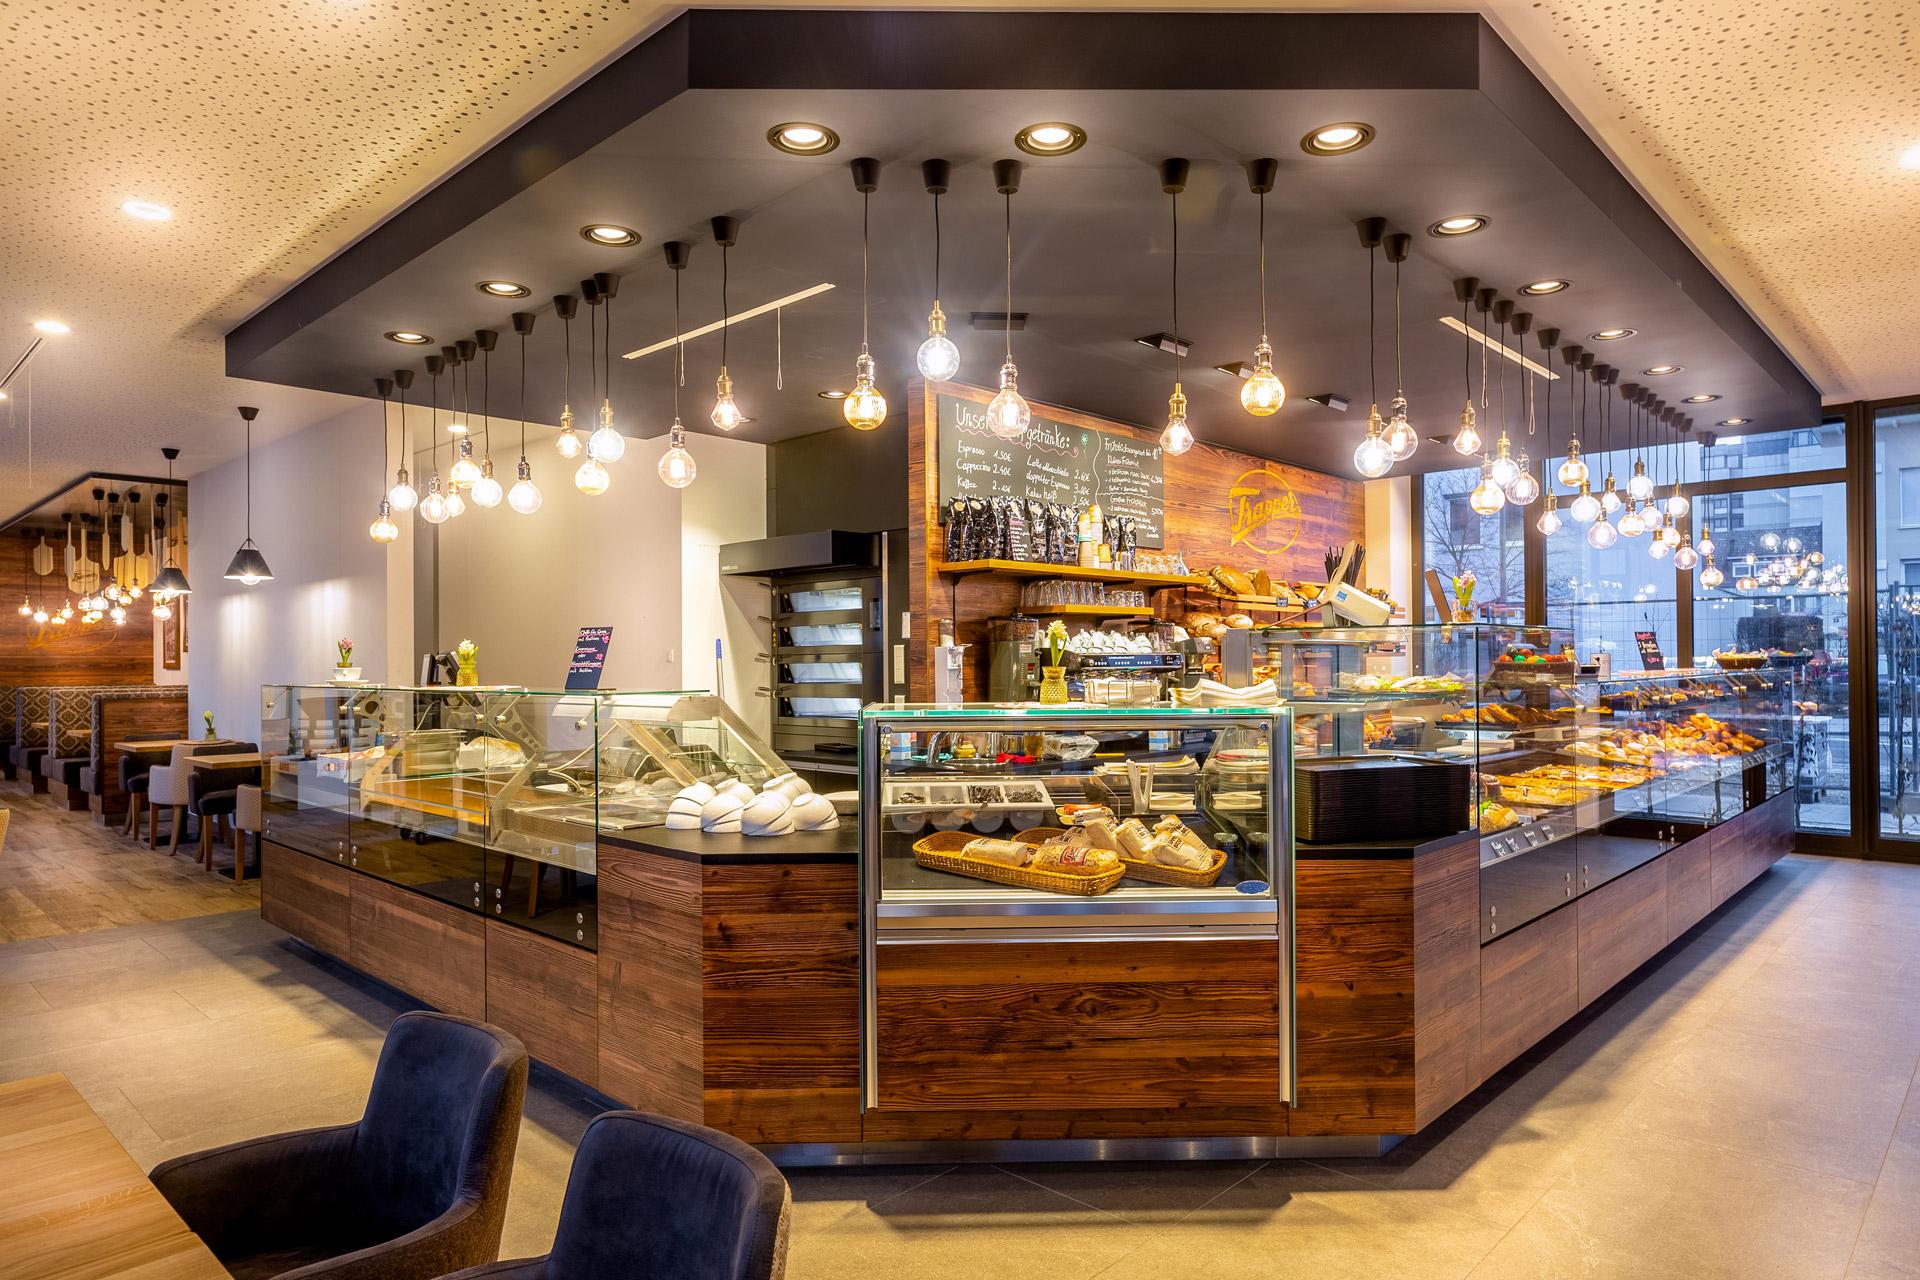 Verkaufstresen einer Bäckerei im Altholzdesign